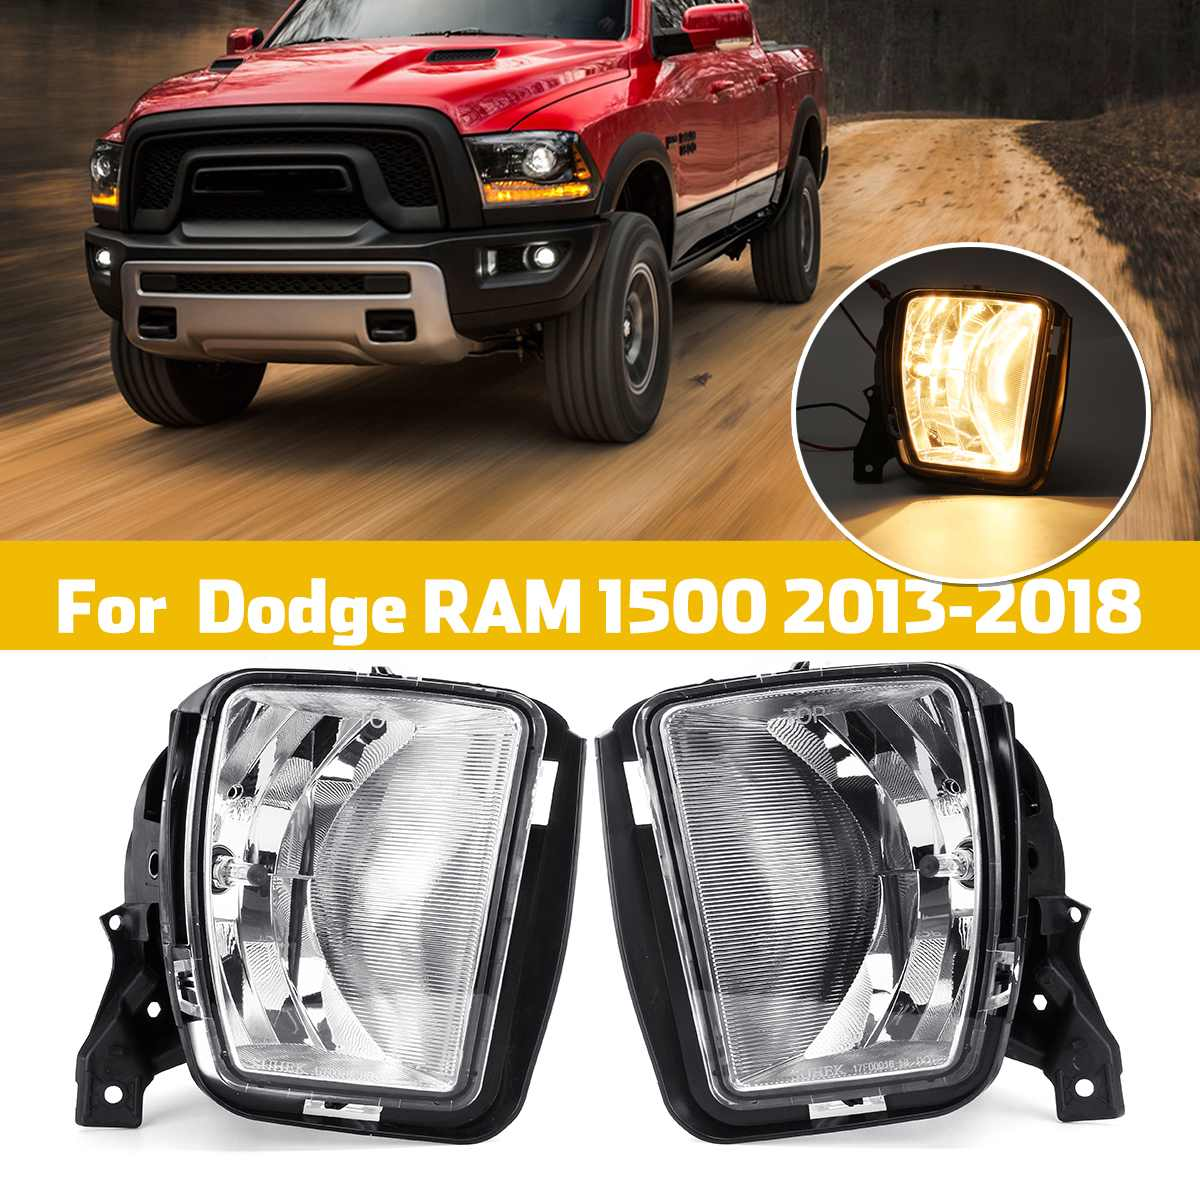 12V 3000K Clear Bumper Fog Halogen Lights For Dodge RAM 1500 2013 2014 2015 2016 2017